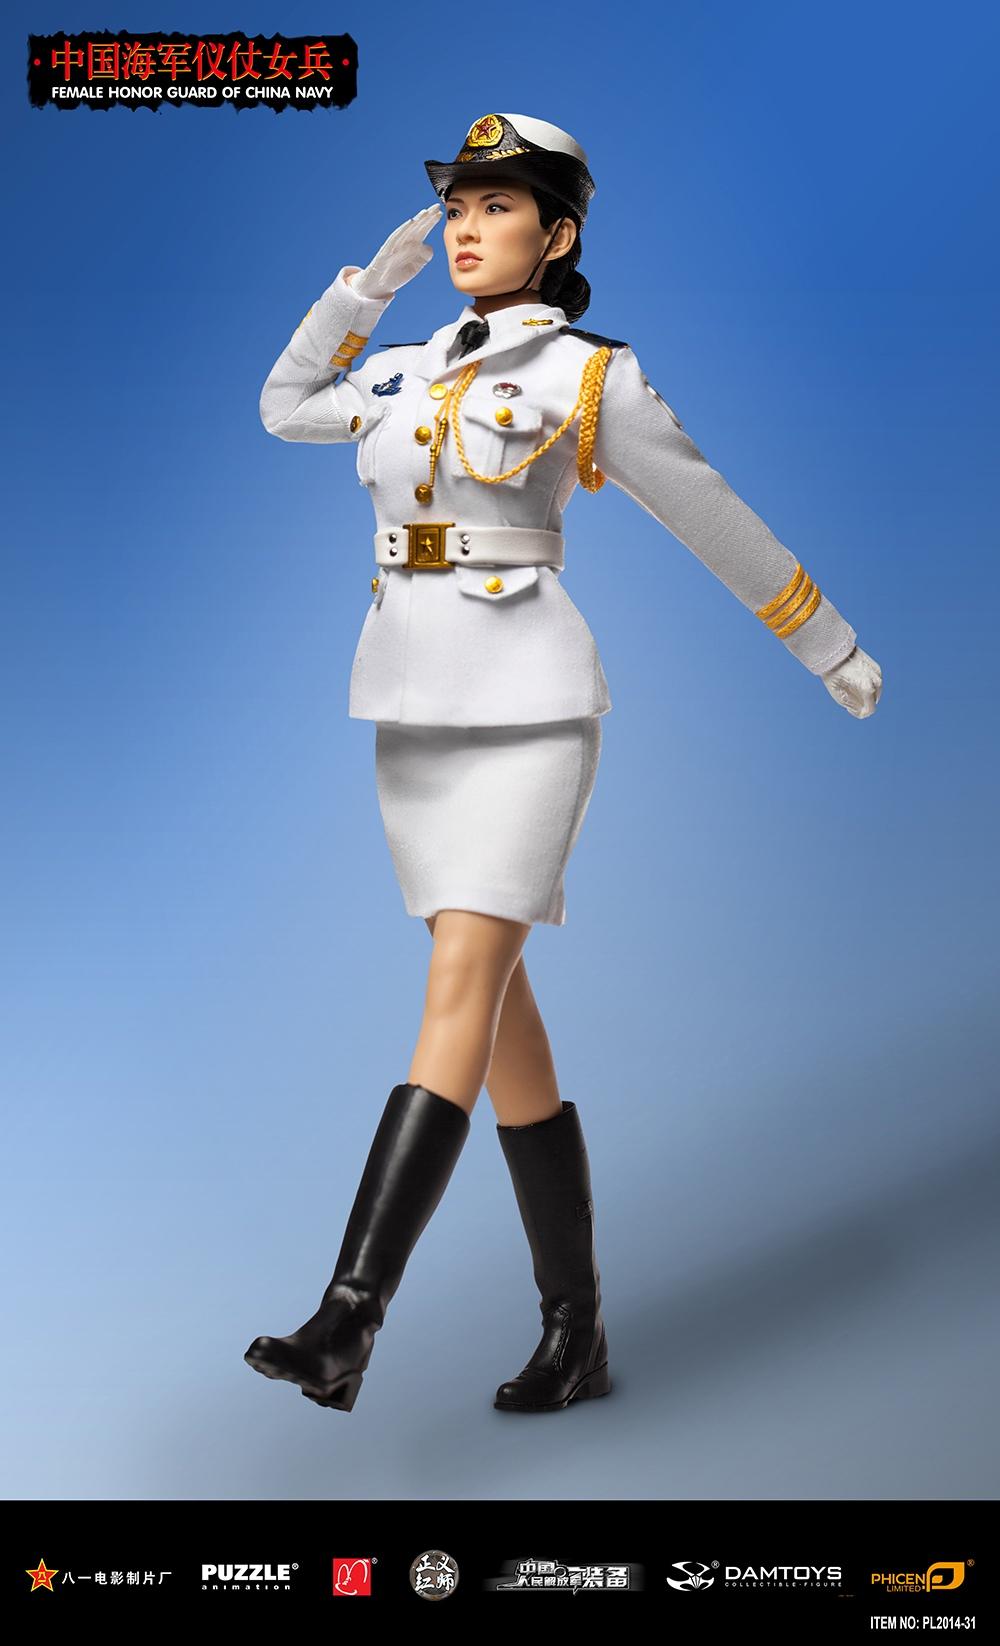 仪仗女兵-海陆空三军